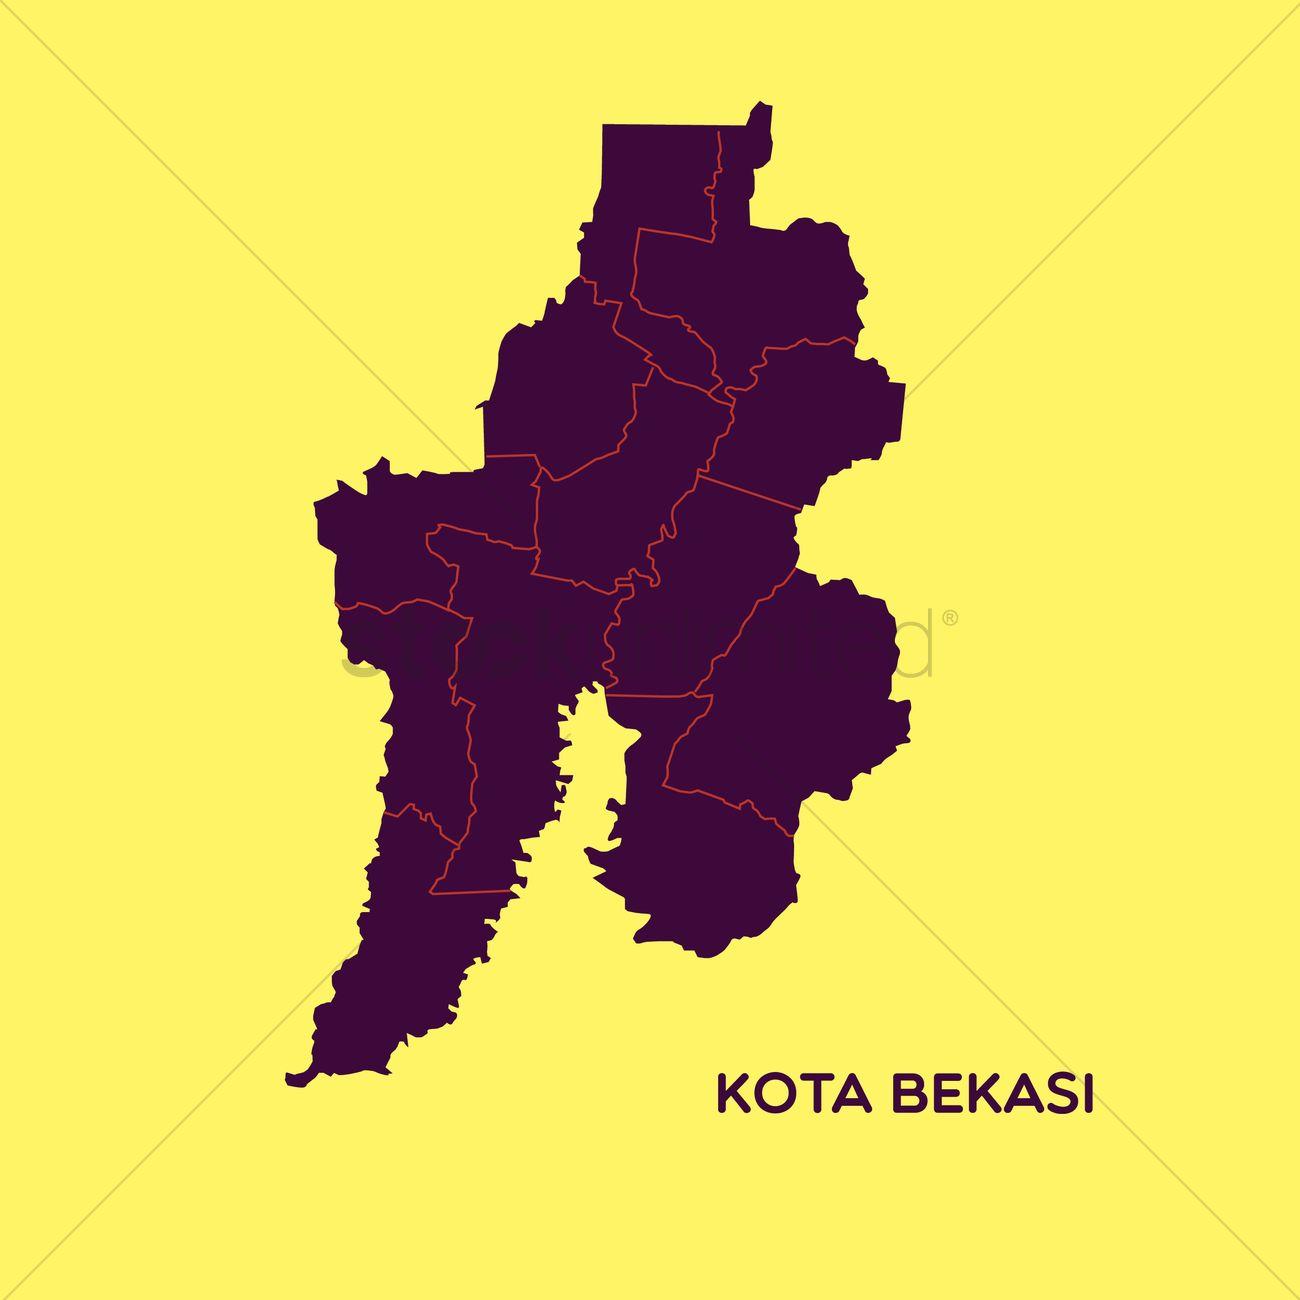 Map of kota bekasi Vector Image 1480507 StockUnlimited